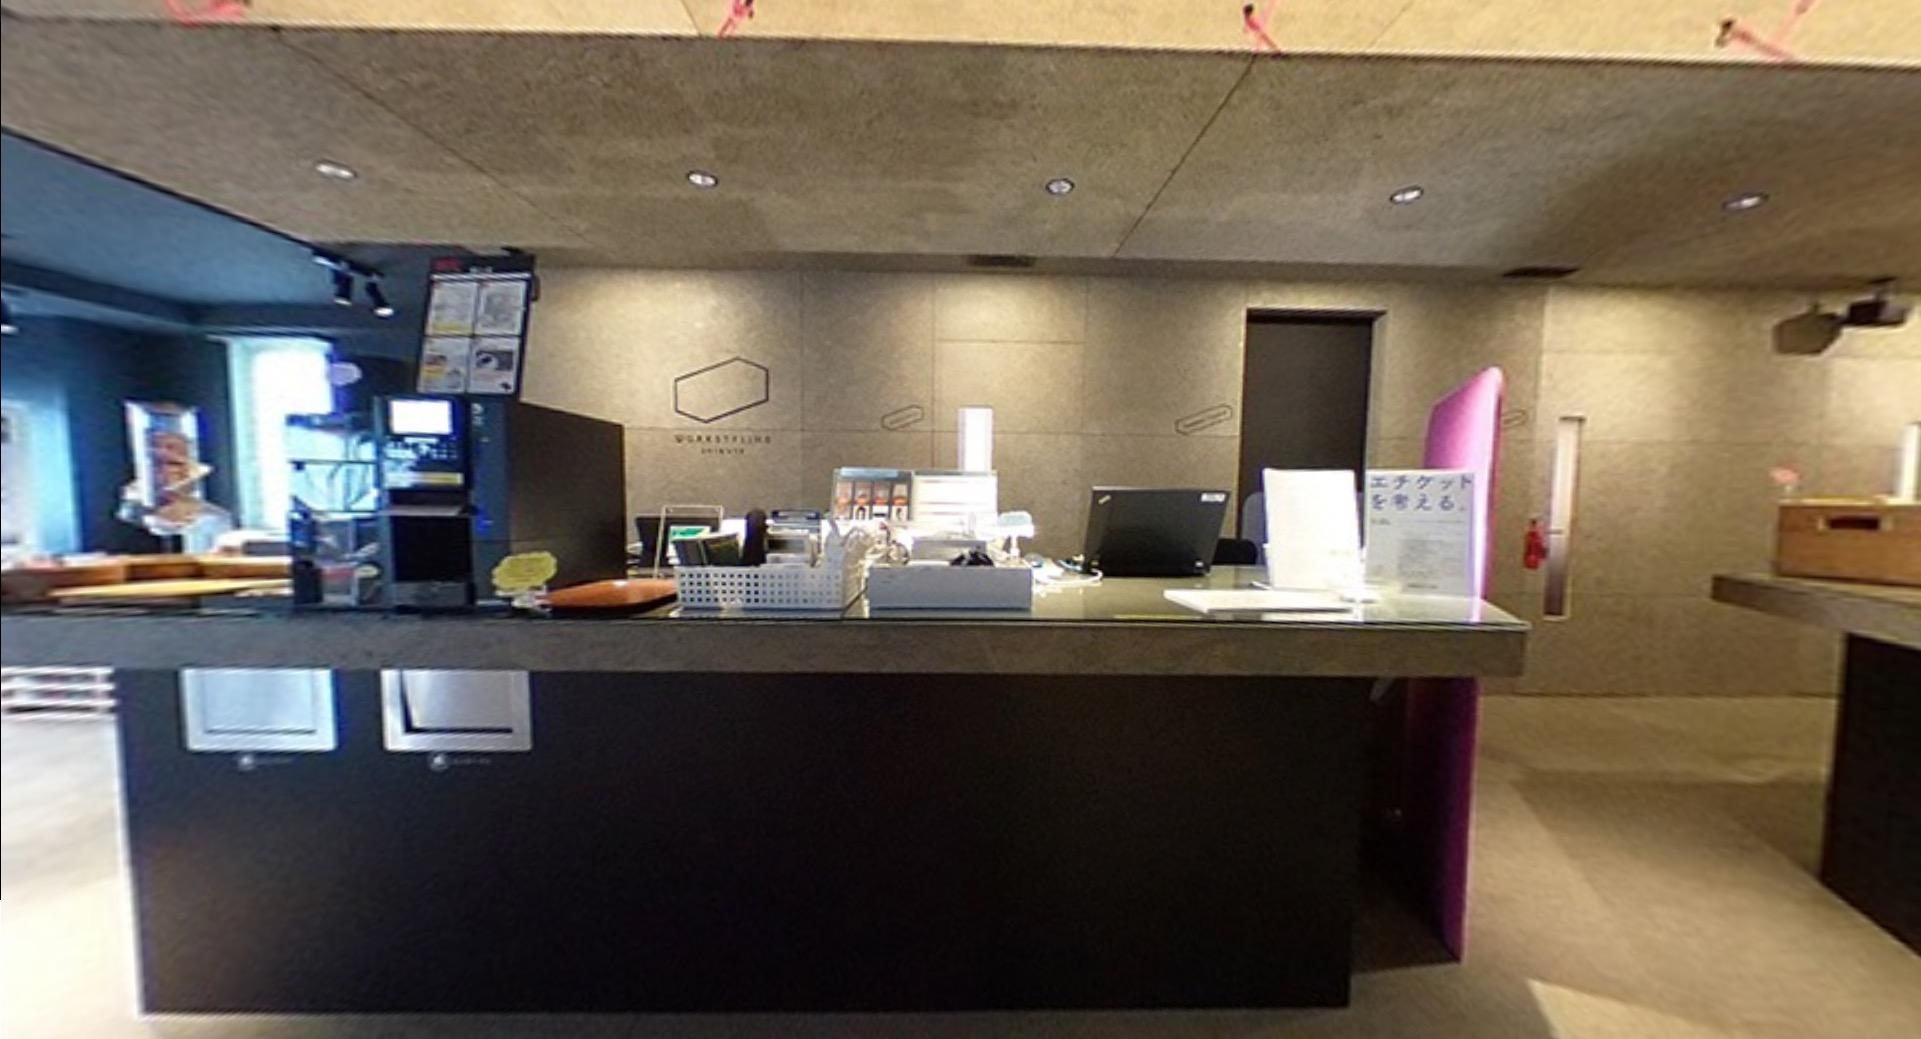 ワークスタイリング霞が関のオフィス内部の画像「ドリンクバー」